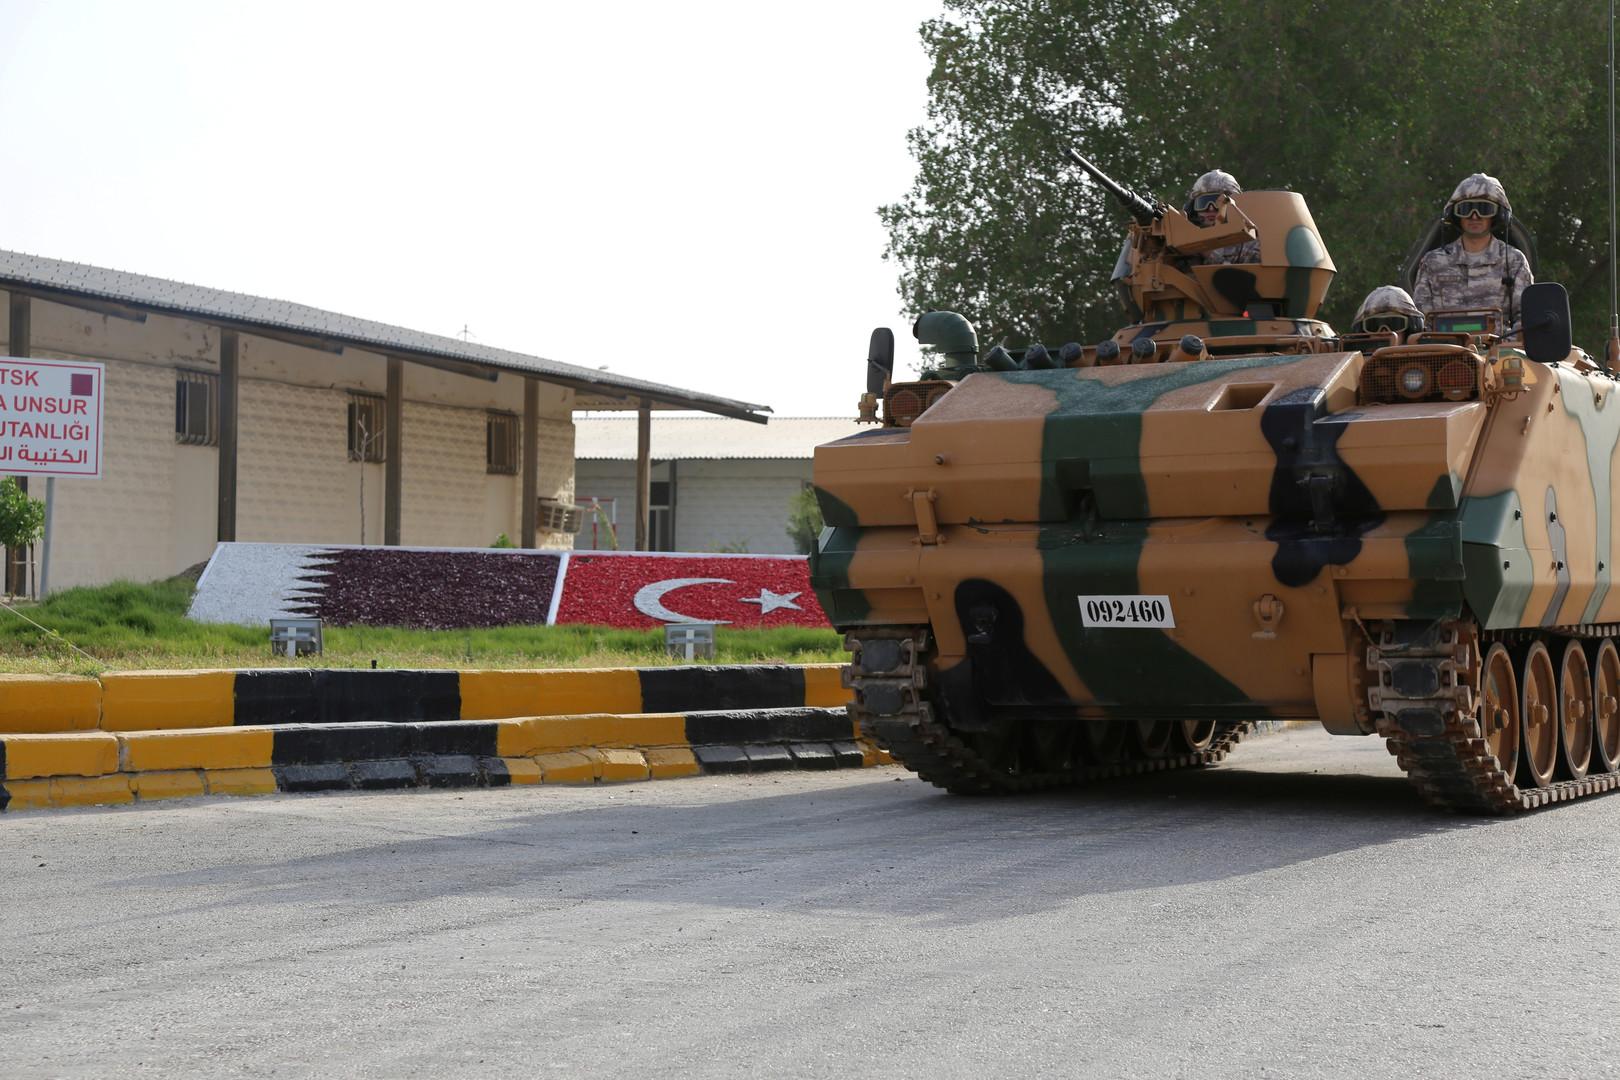 على ذمة 8 مواقع تركية.. محاولة انقلاب قطر استهدفت تميم بن حمد ومفاجأة أنقذته (صور)